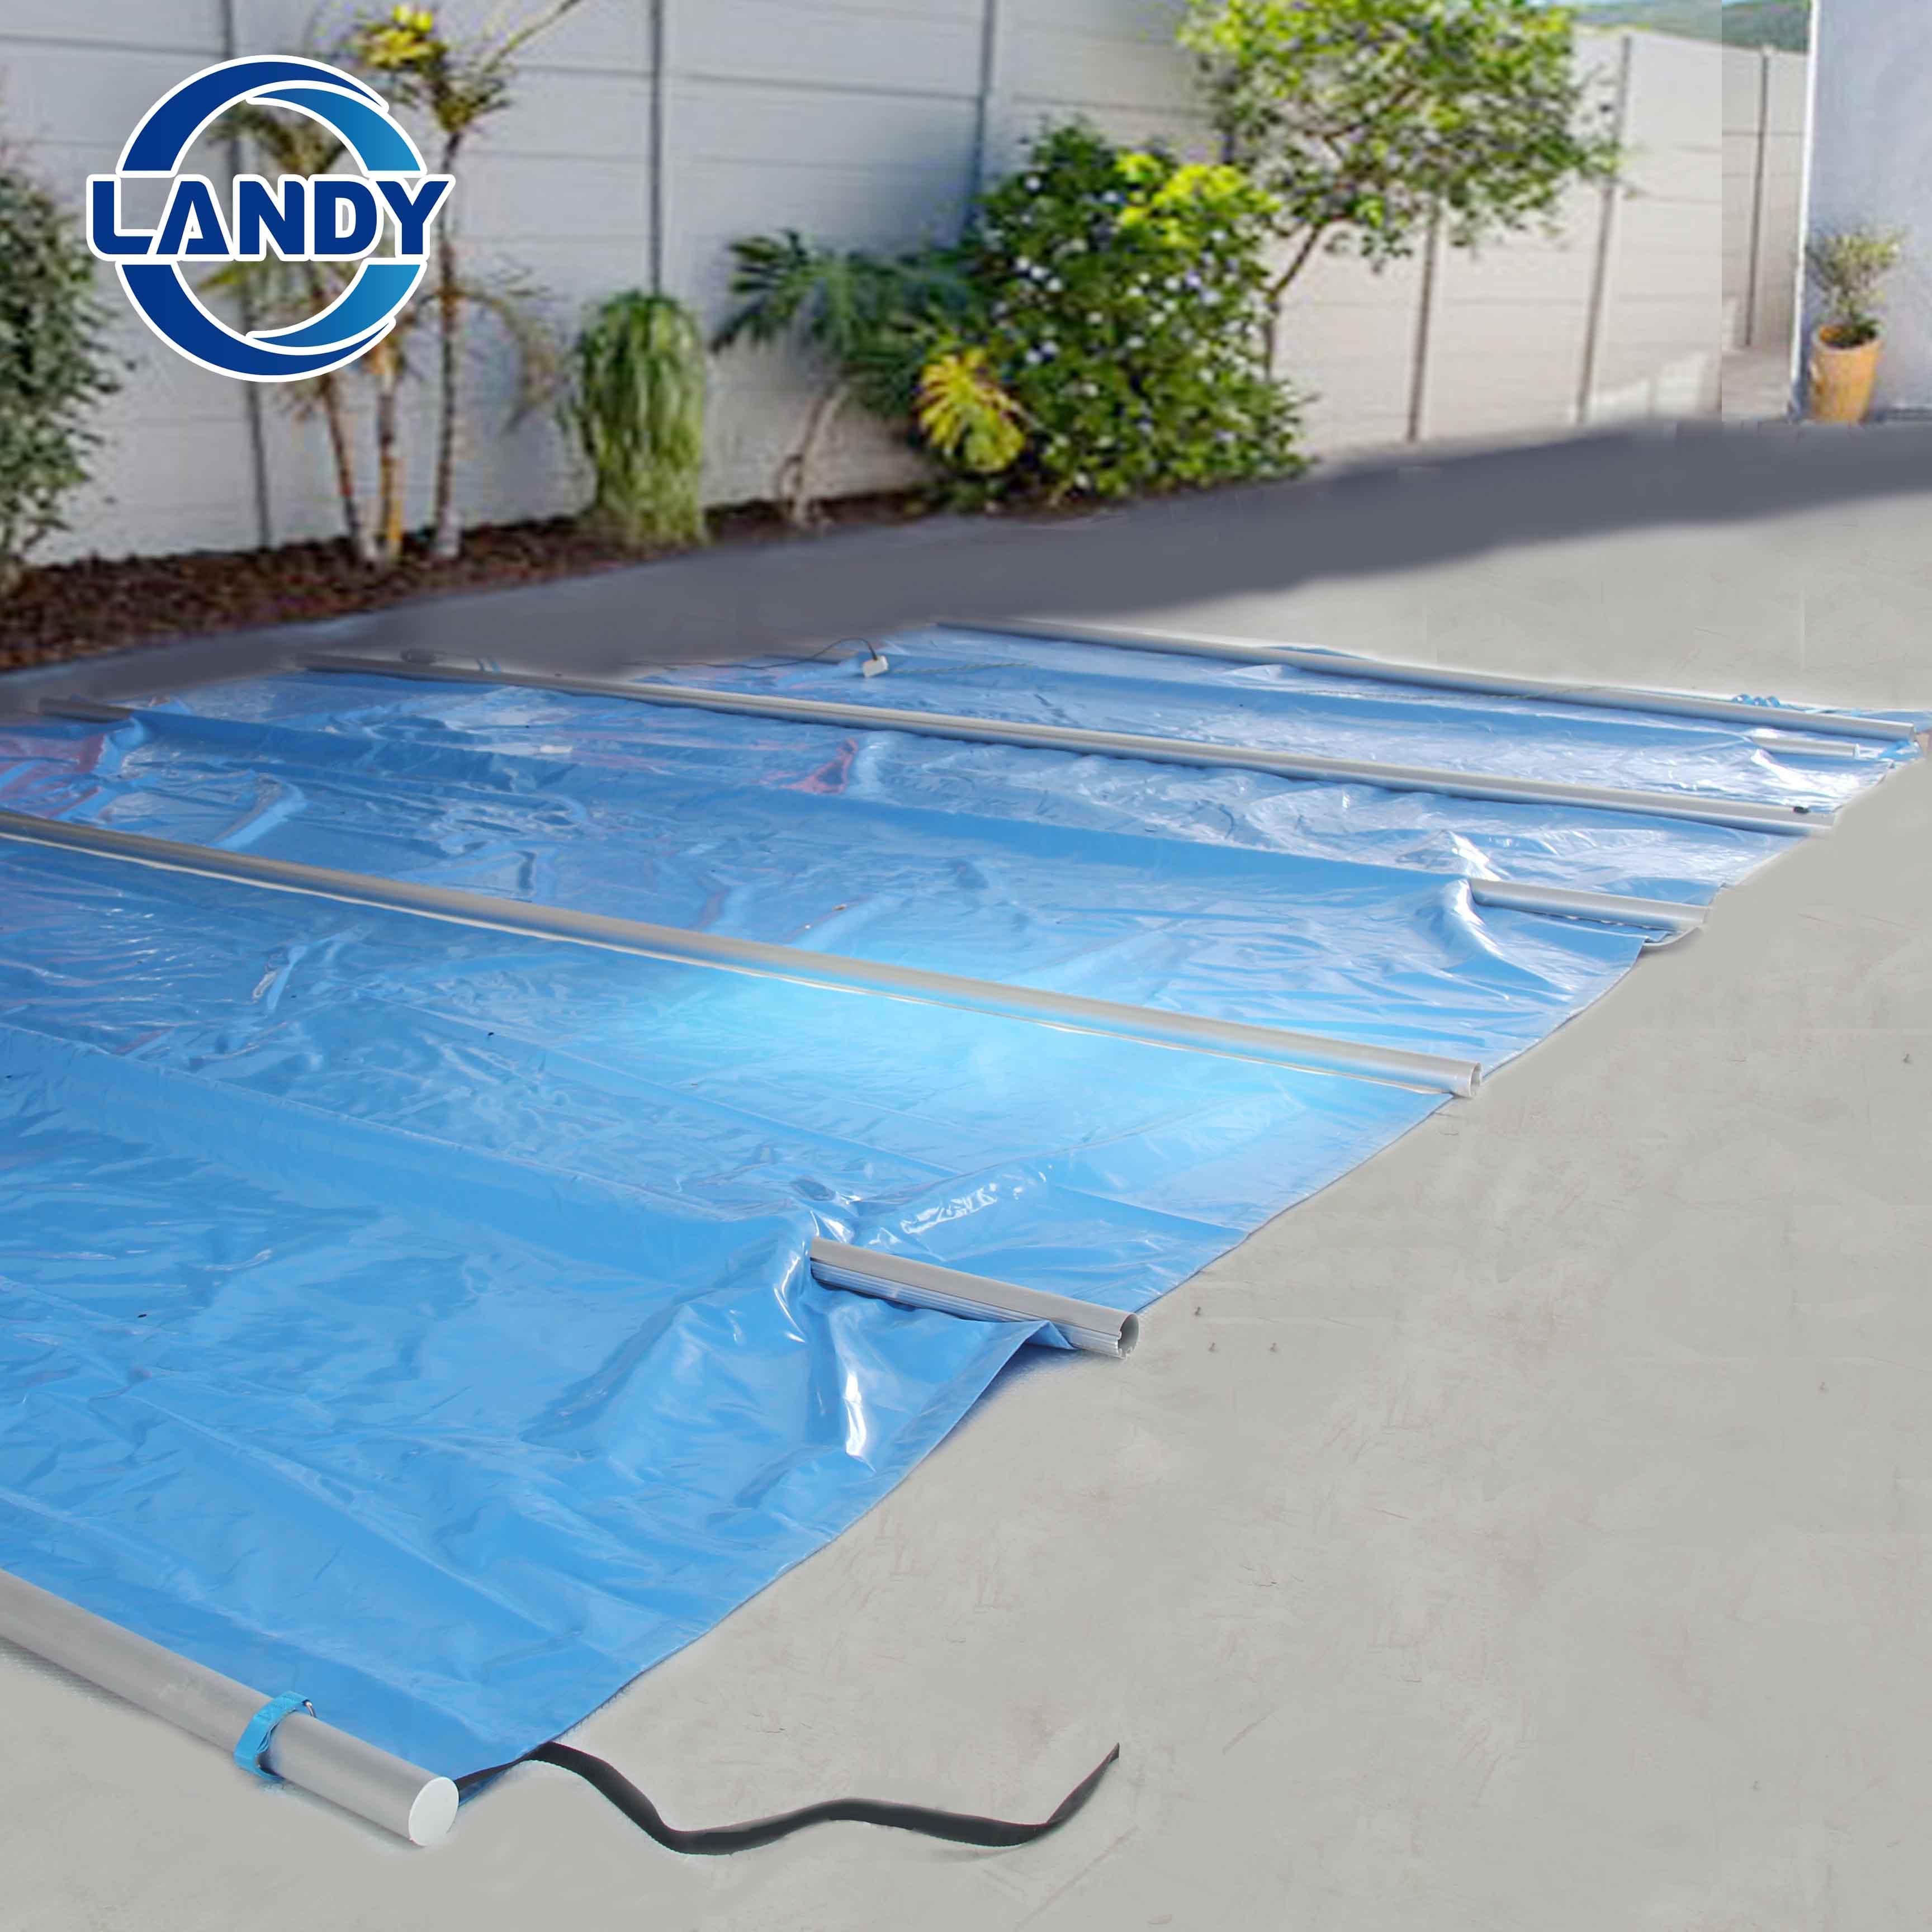 Coperture per piscina a scomparsa solide personalizzate per l'inverno